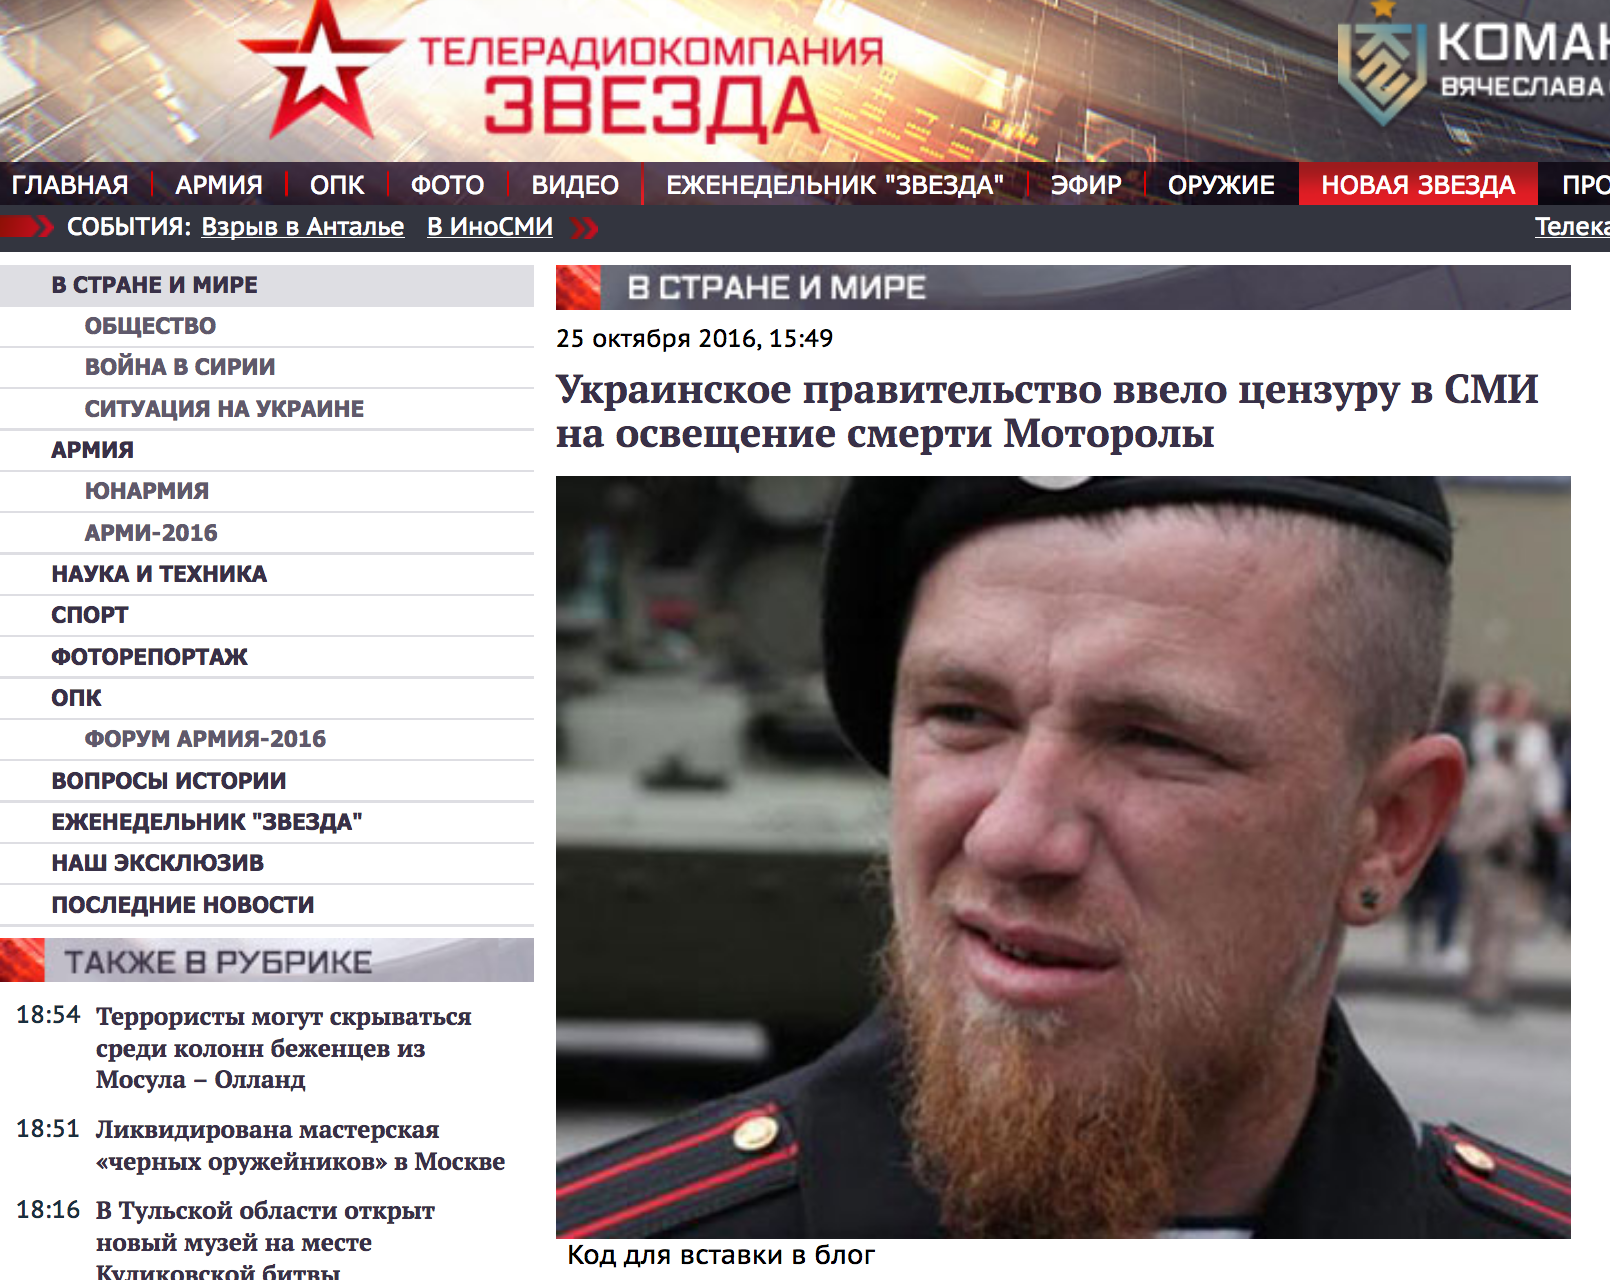 """TV Zvezda: Las autoridades ucranianas introdujeron censura noticias sobre el asesinato de """"Motorola"""""""